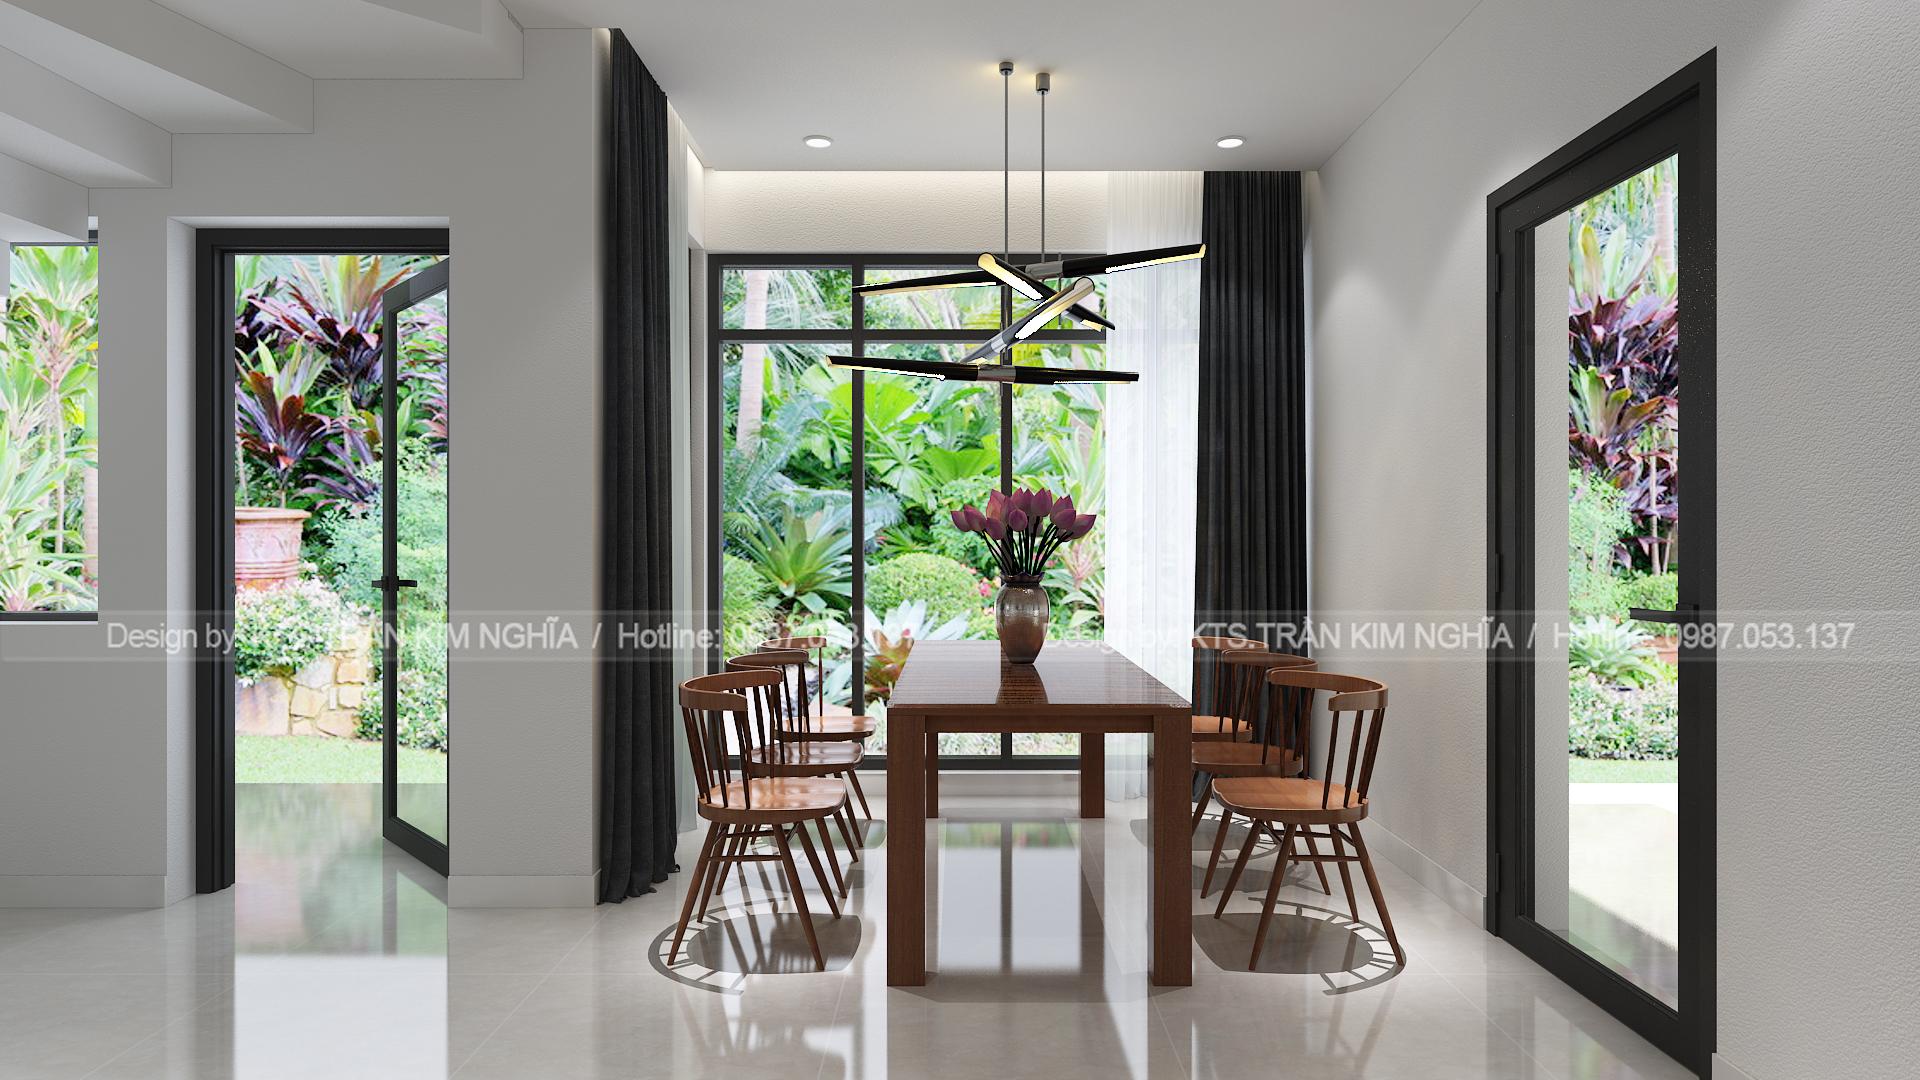 thiết kế nội thất Nhà tại Bắc Giang NAMHOUSE 9 1562404074